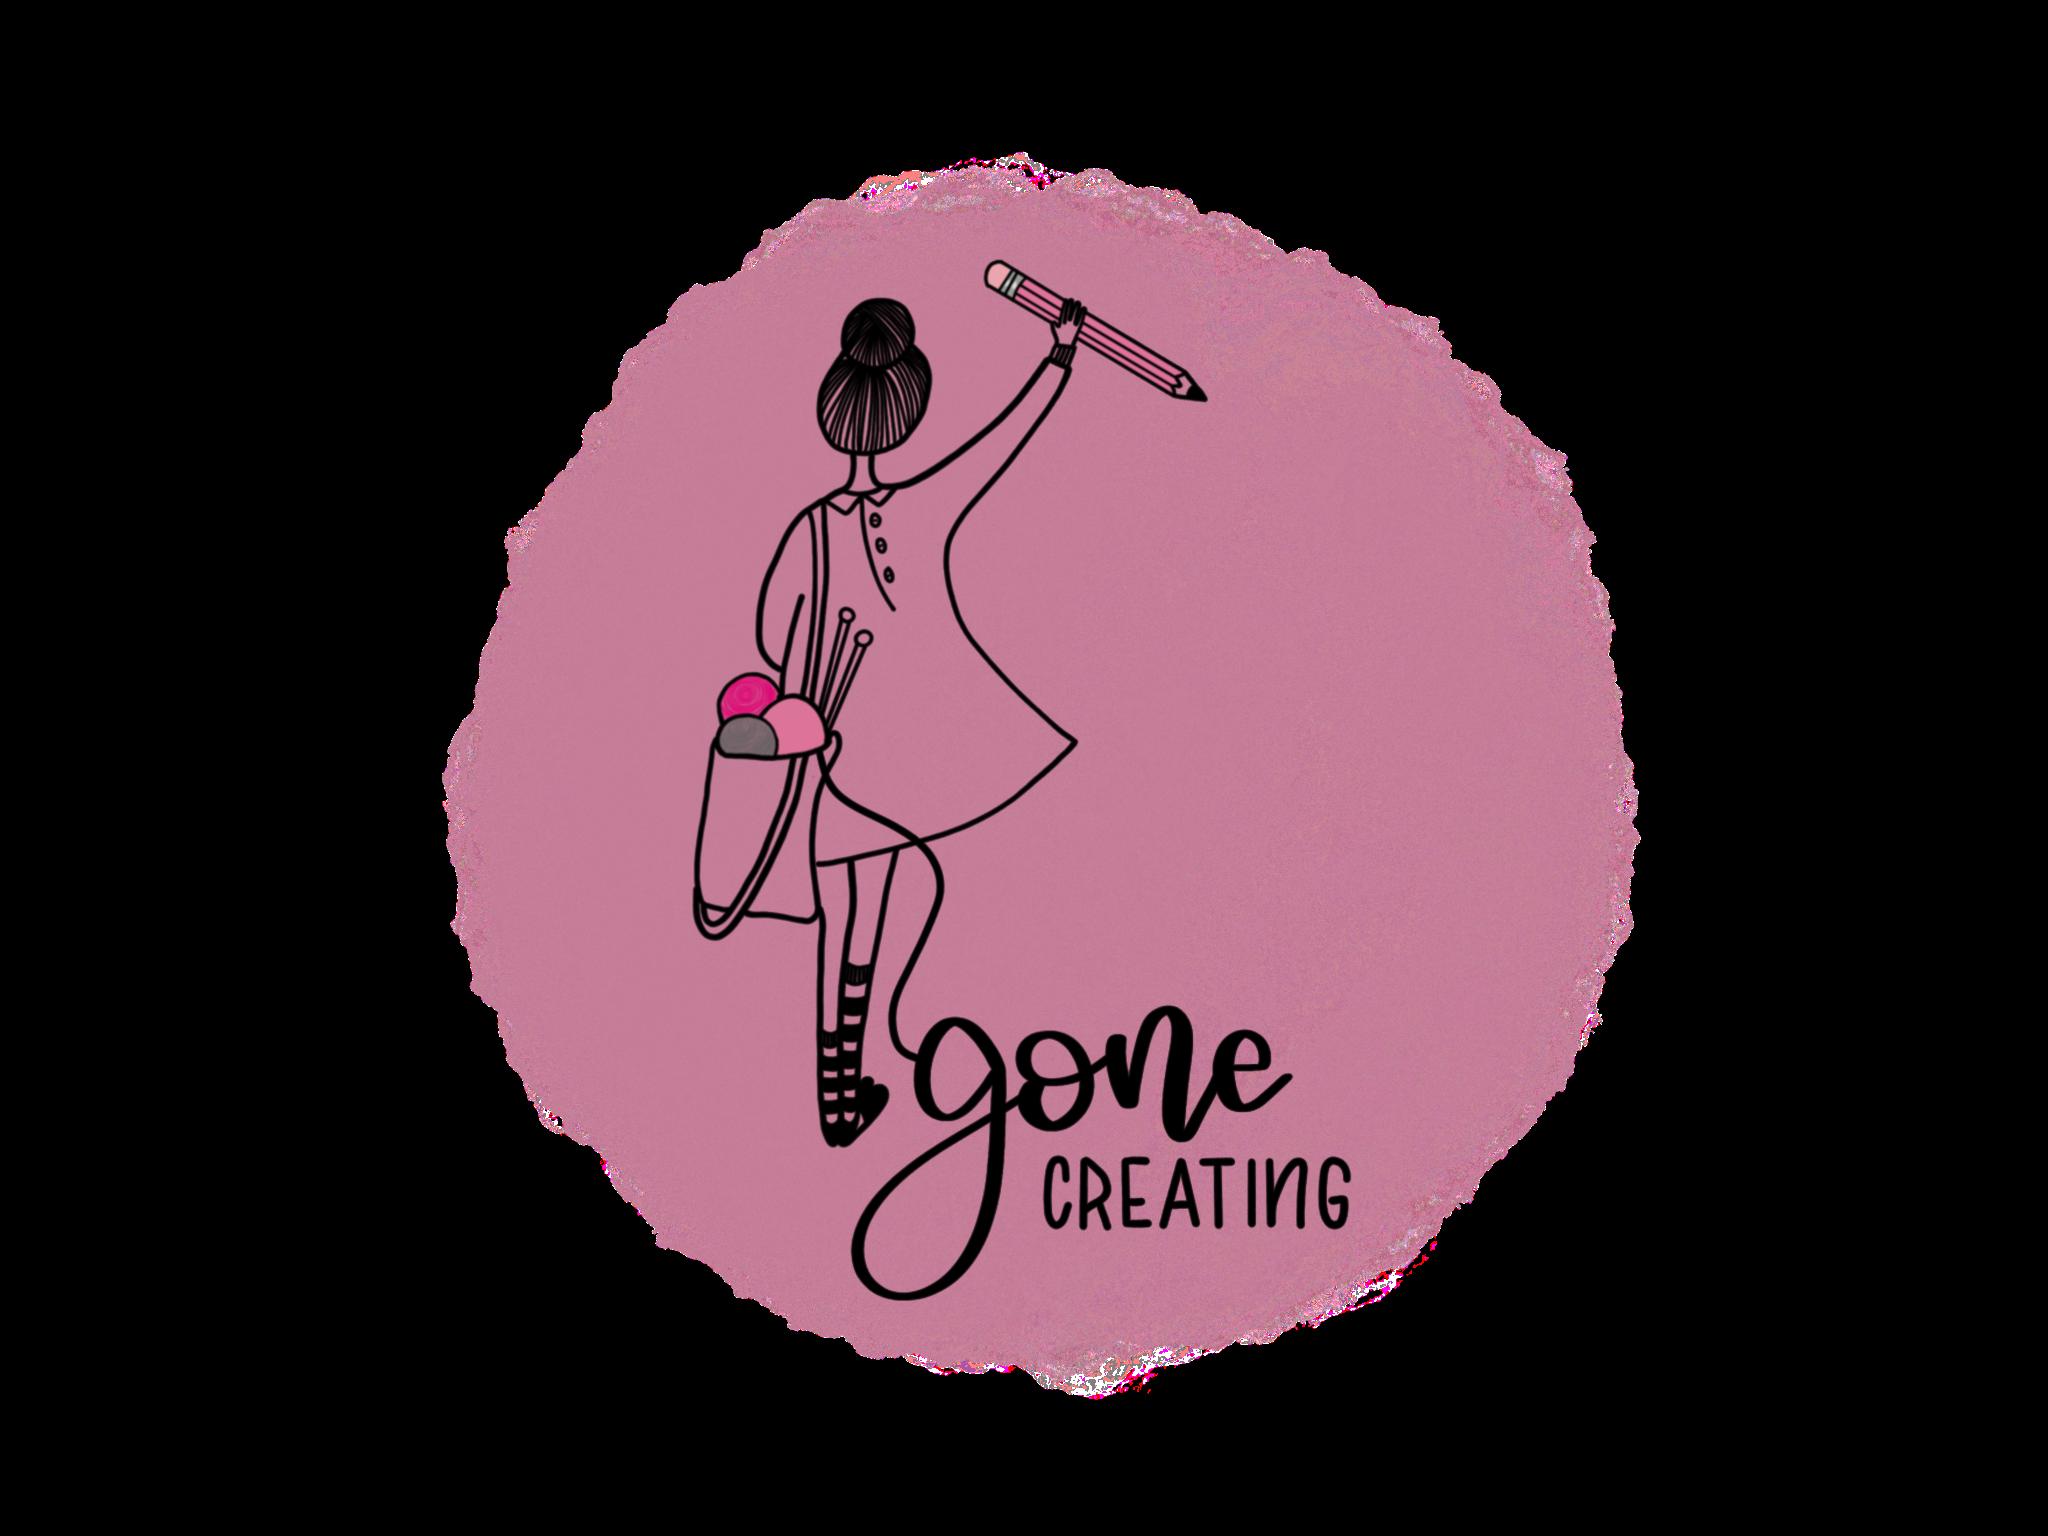 Gone Creating, Gone Creating, Lettering, Strick Design, Stricken, Handlettering, Workshop, Workshops, Kreative Auszeit, Hygge, Ostschweiz, Schweiz